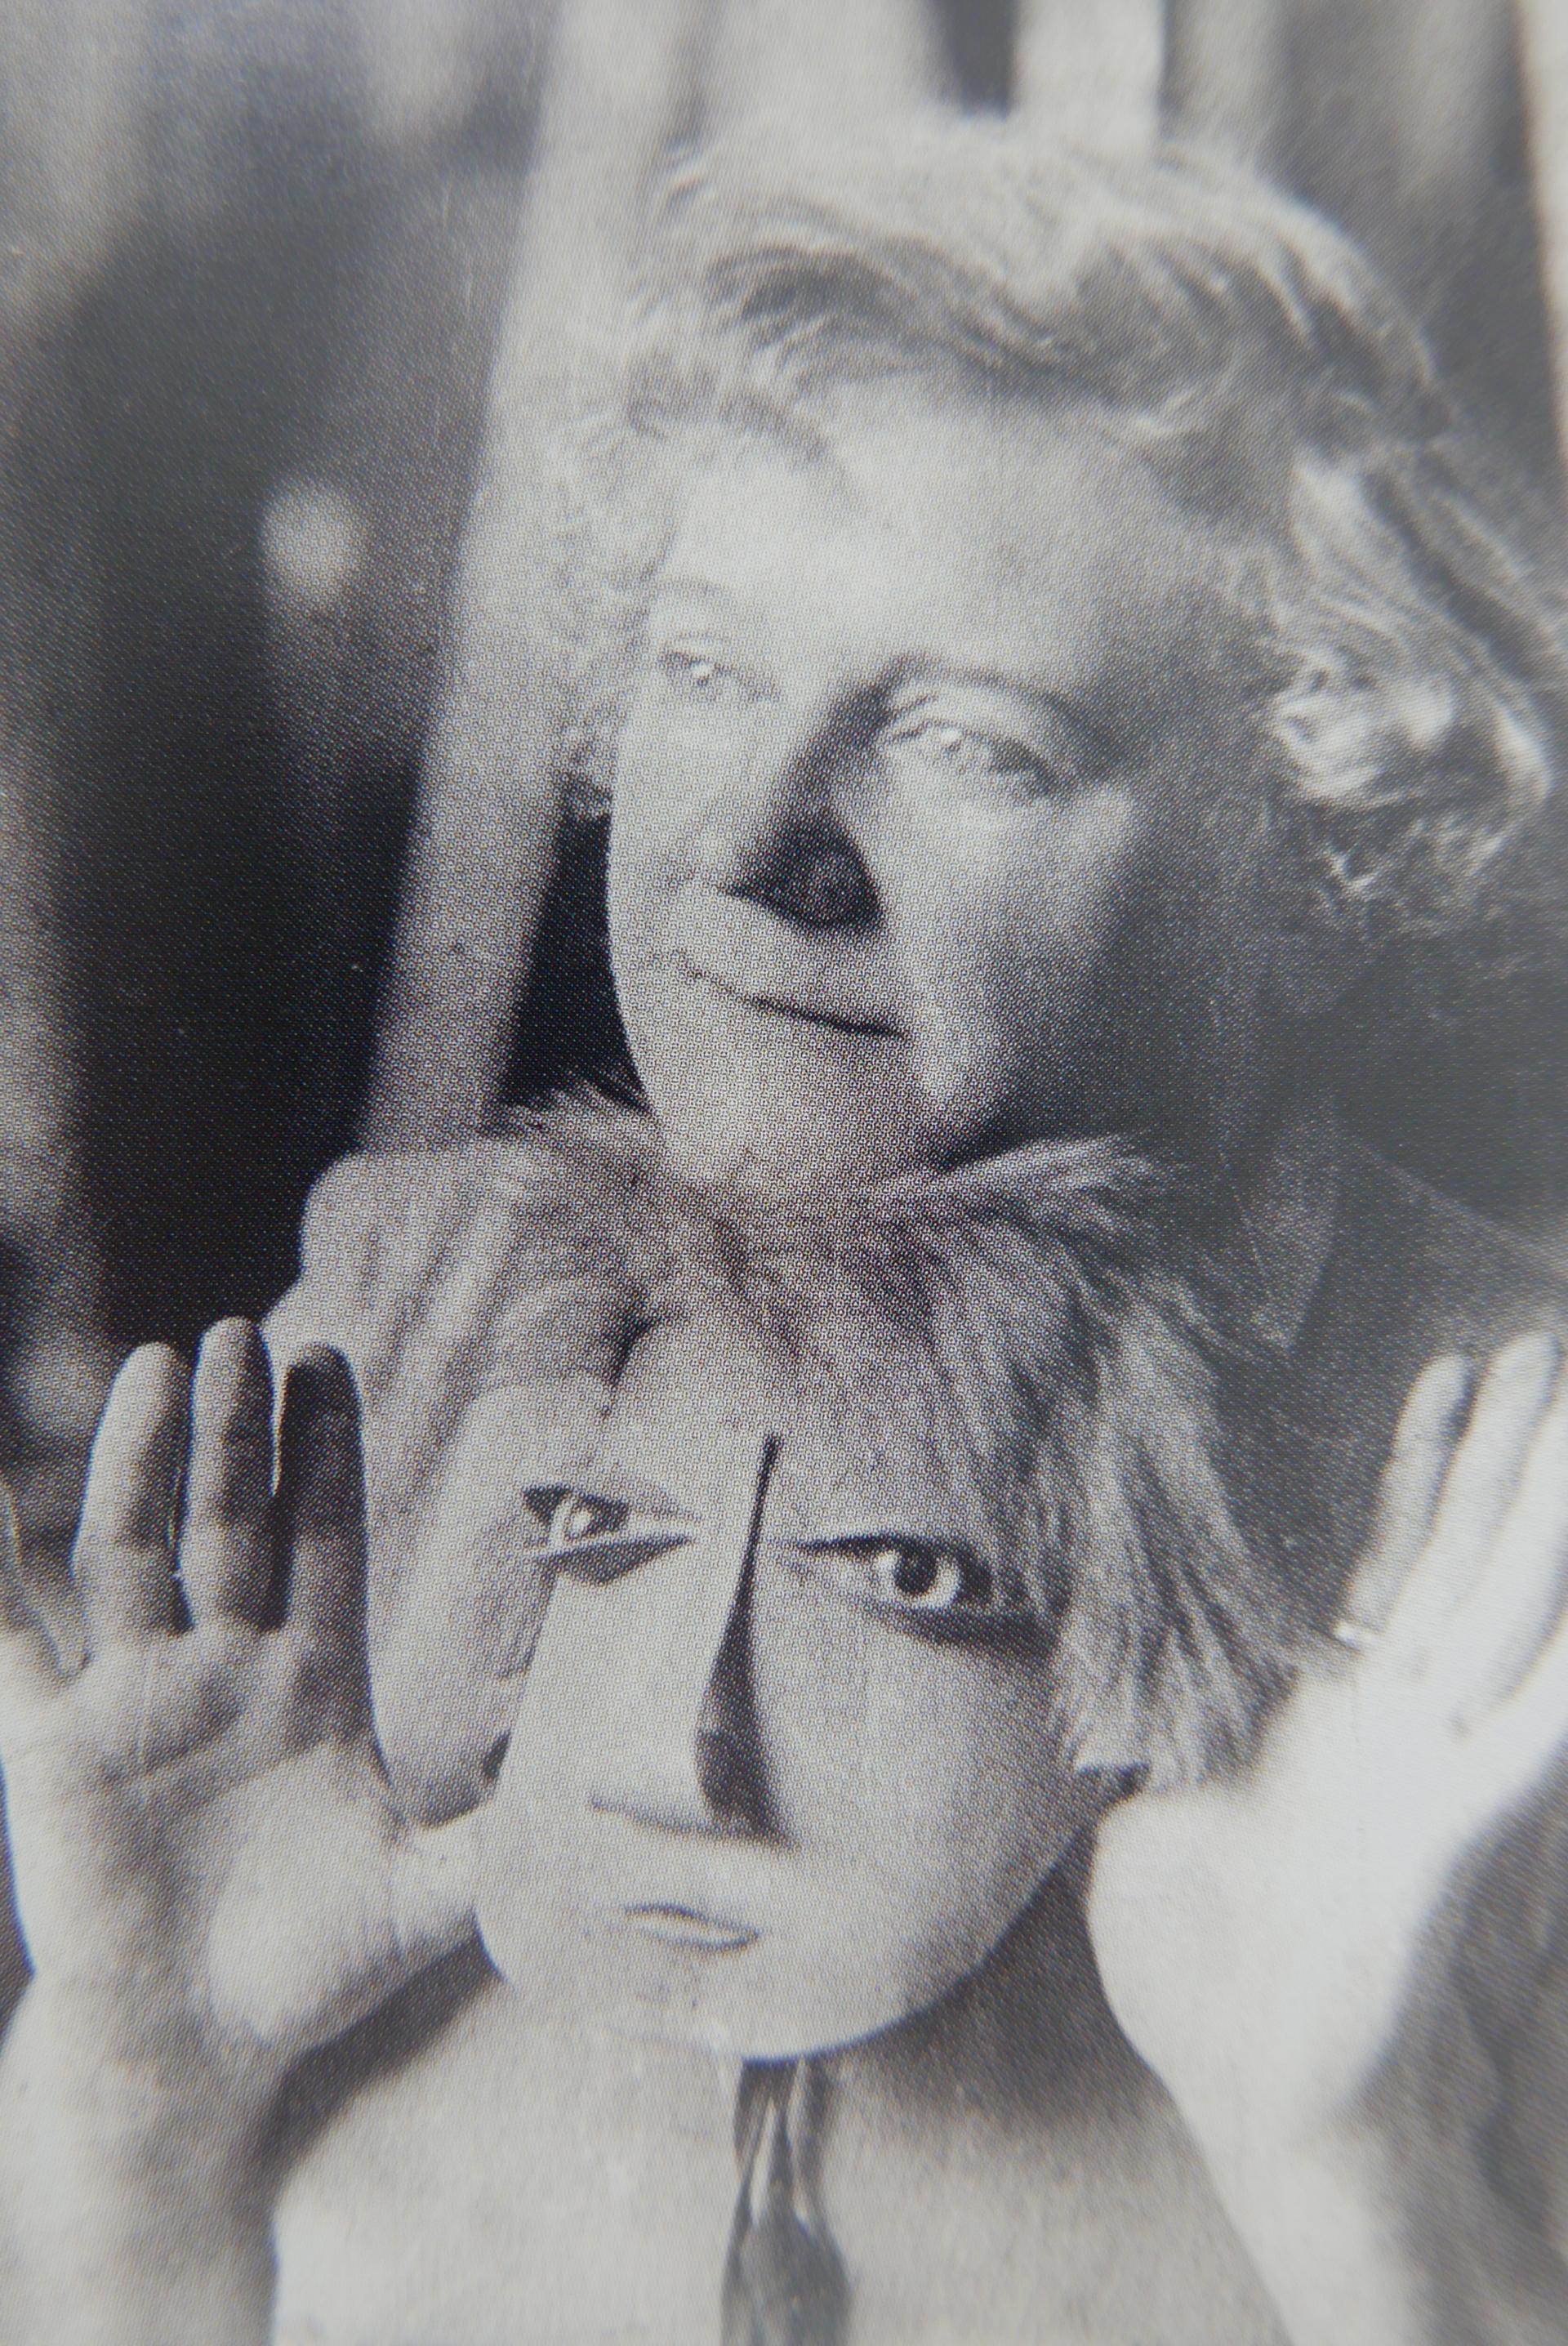 Marie Vassilieff et son masque, photographie de Cami Stone, 1929, coll. CB